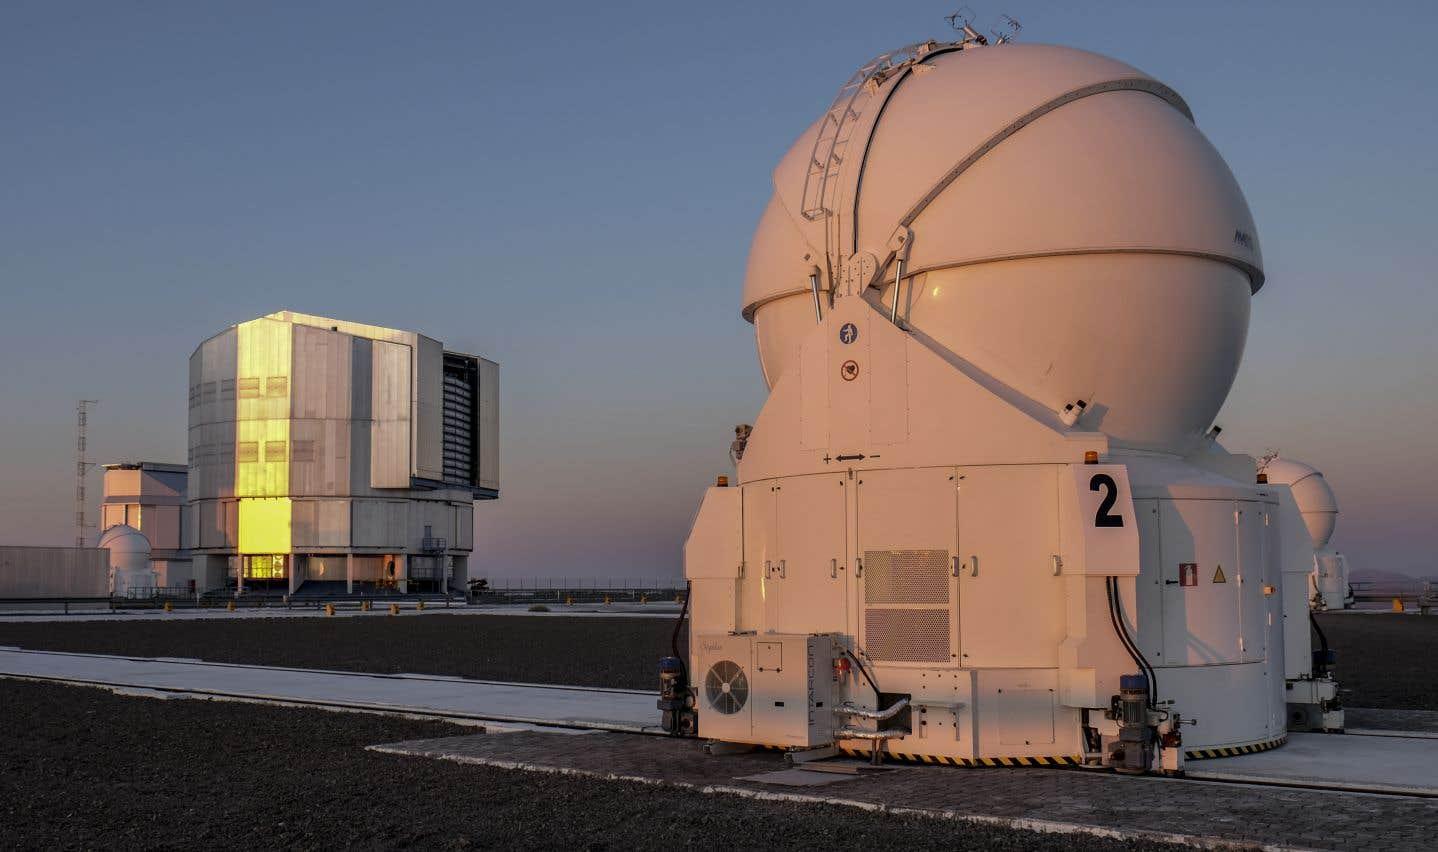 D'ici 2020 on estime que le nord du Chili concentrera 70 % de l'infrastructure astronomique mondiale.